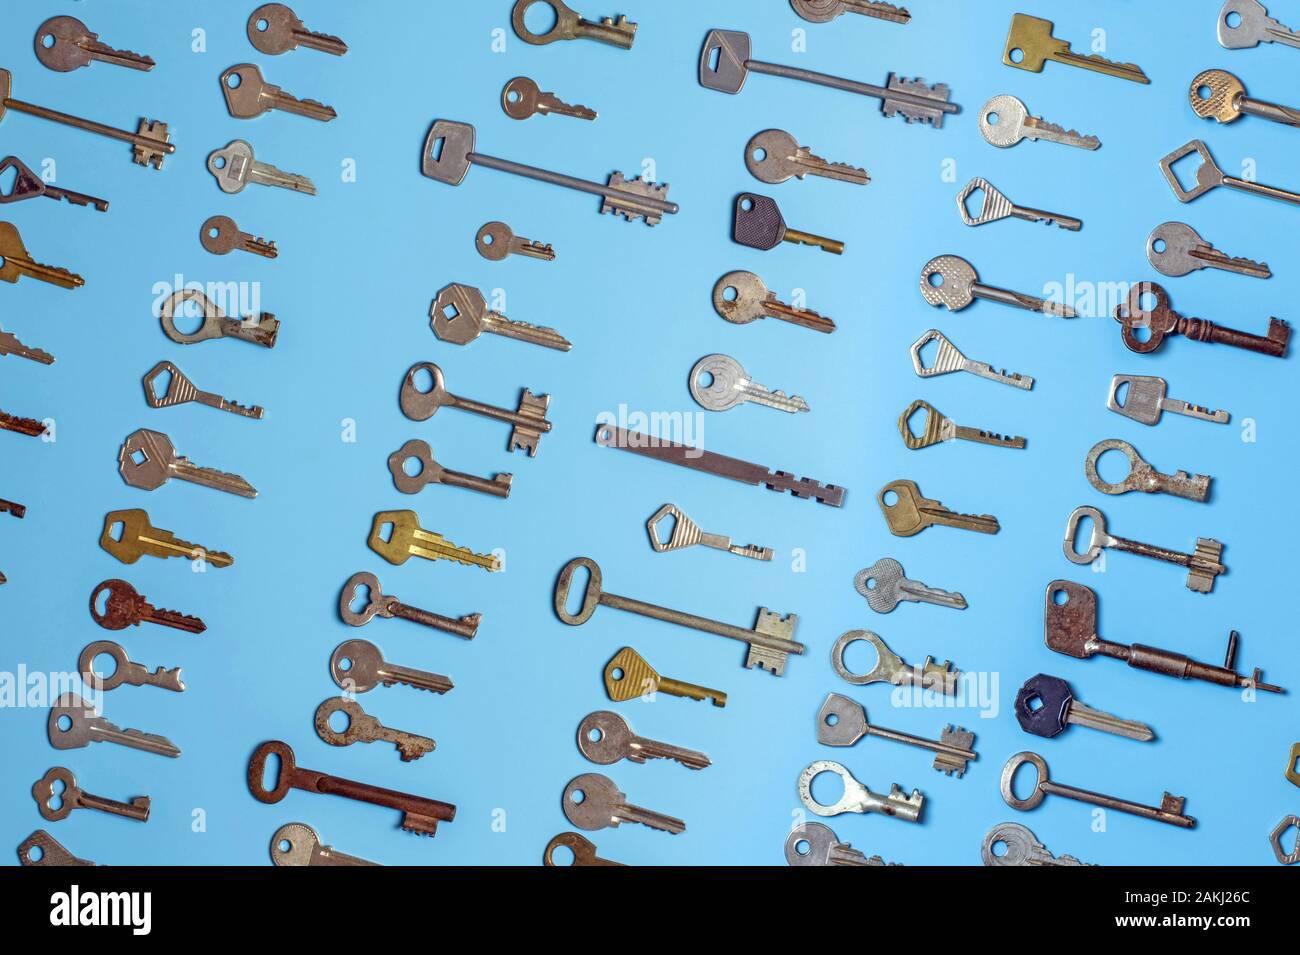 Las claves definidas sobre fondo azul. Las llaves de la cerradura de la puerta y caja fuerte de seguridad y protección de la propiedad de la casa. Diferentes antiguos y nuevos tipos de llaves. Foto de stock